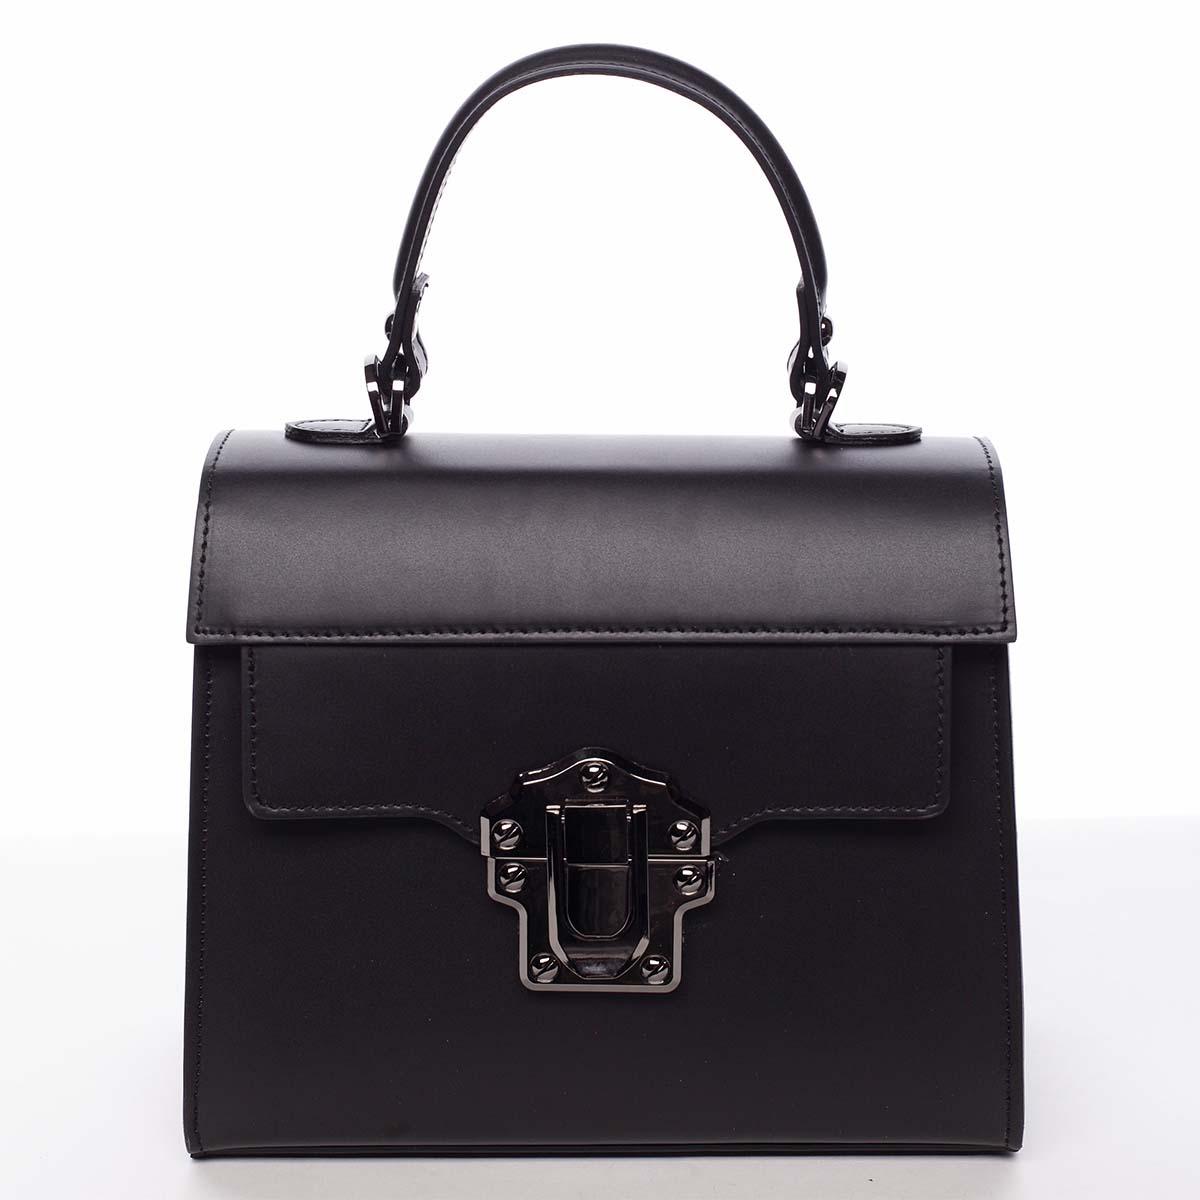 Exkluzivní módní dámská kožená kabelka černá - ItalY Bianka